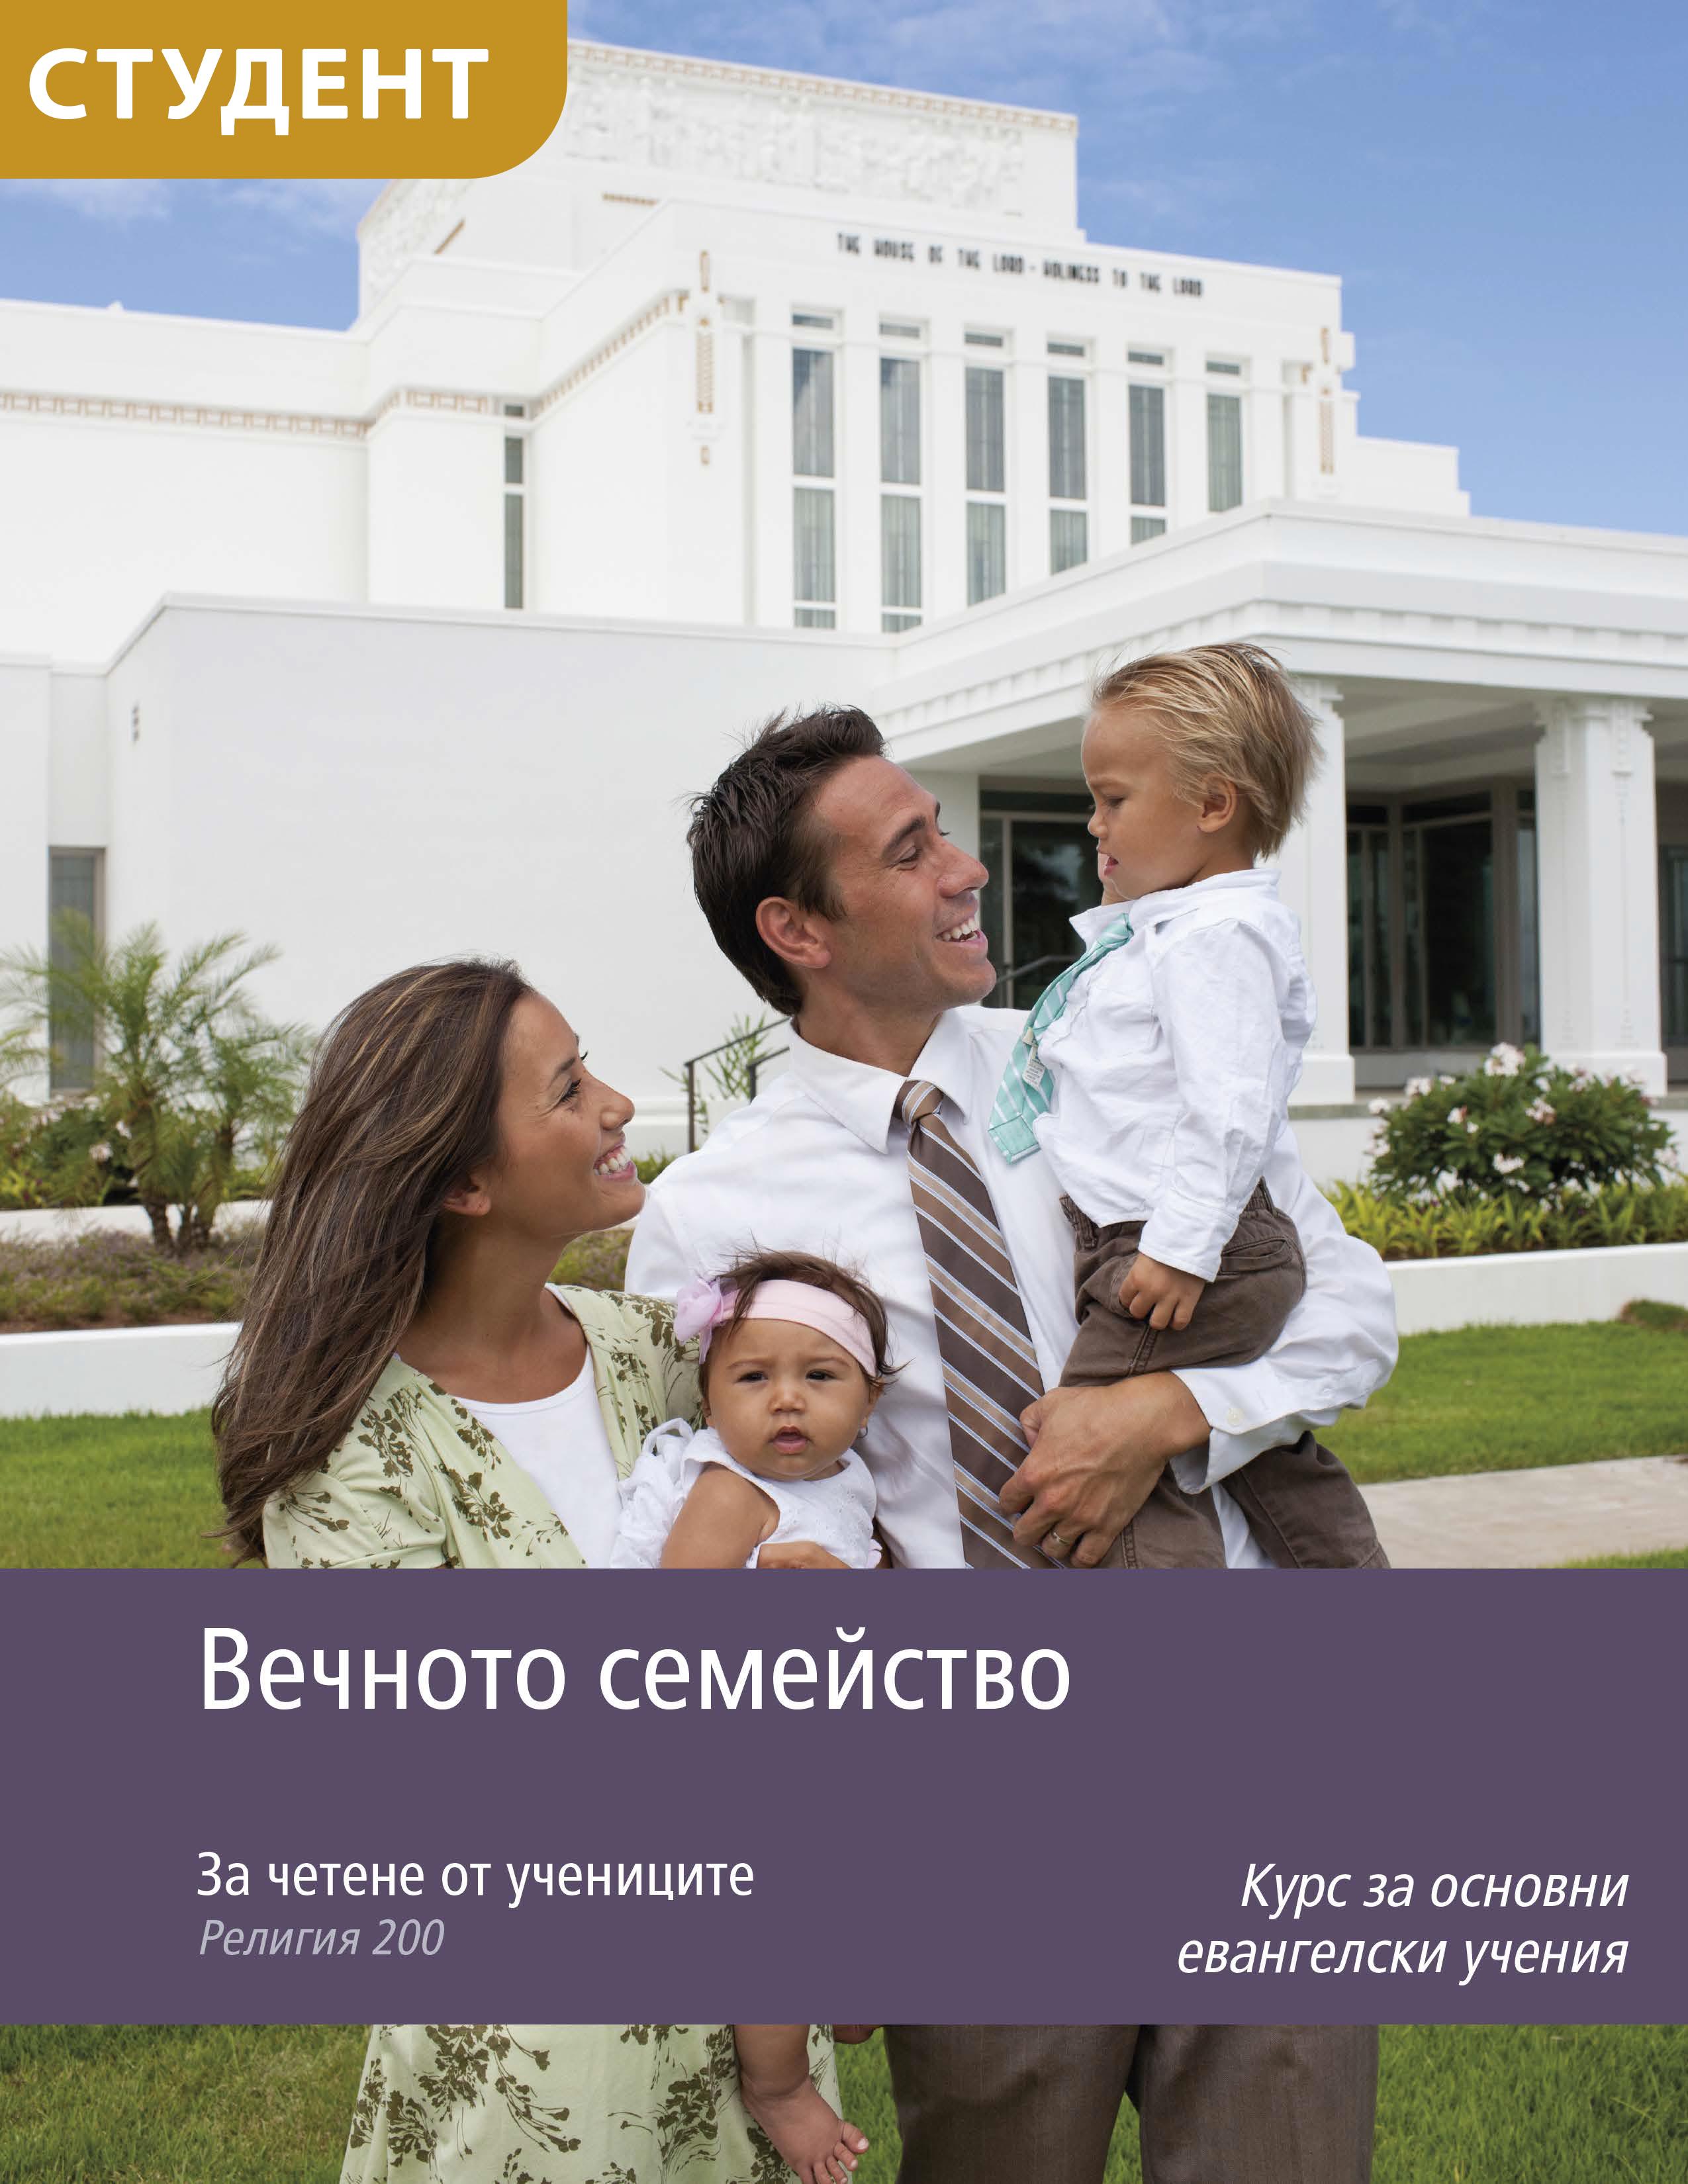 """Вечното семейство: """"За четене от учениците"""" (Религия 200)"""